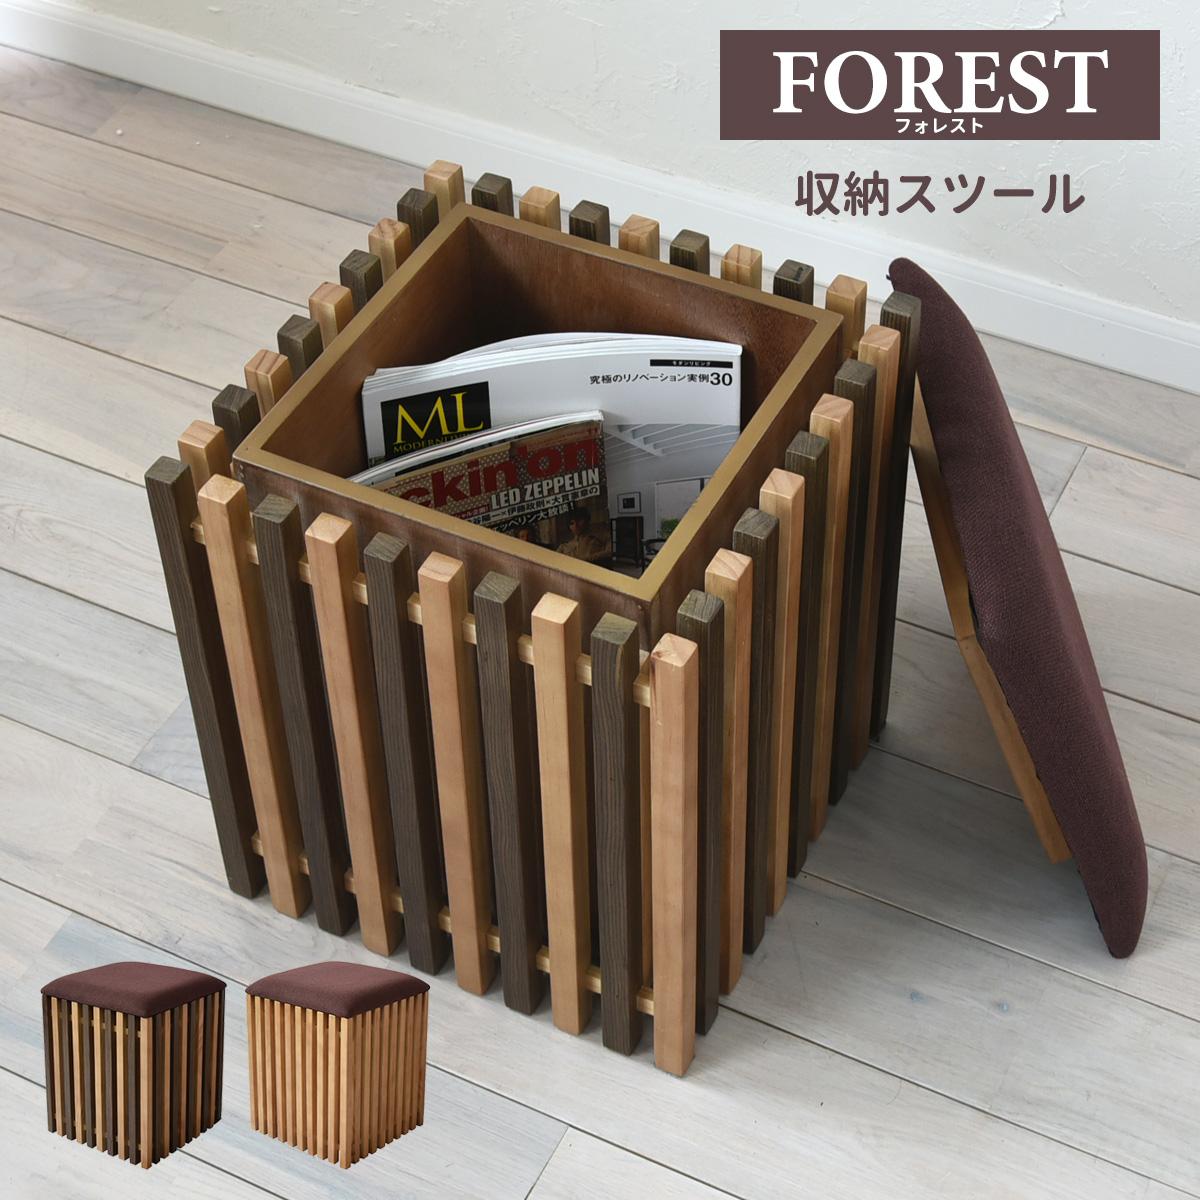 【送料無料】 【メーカー直送・代引不可】FOREST 収納スツール